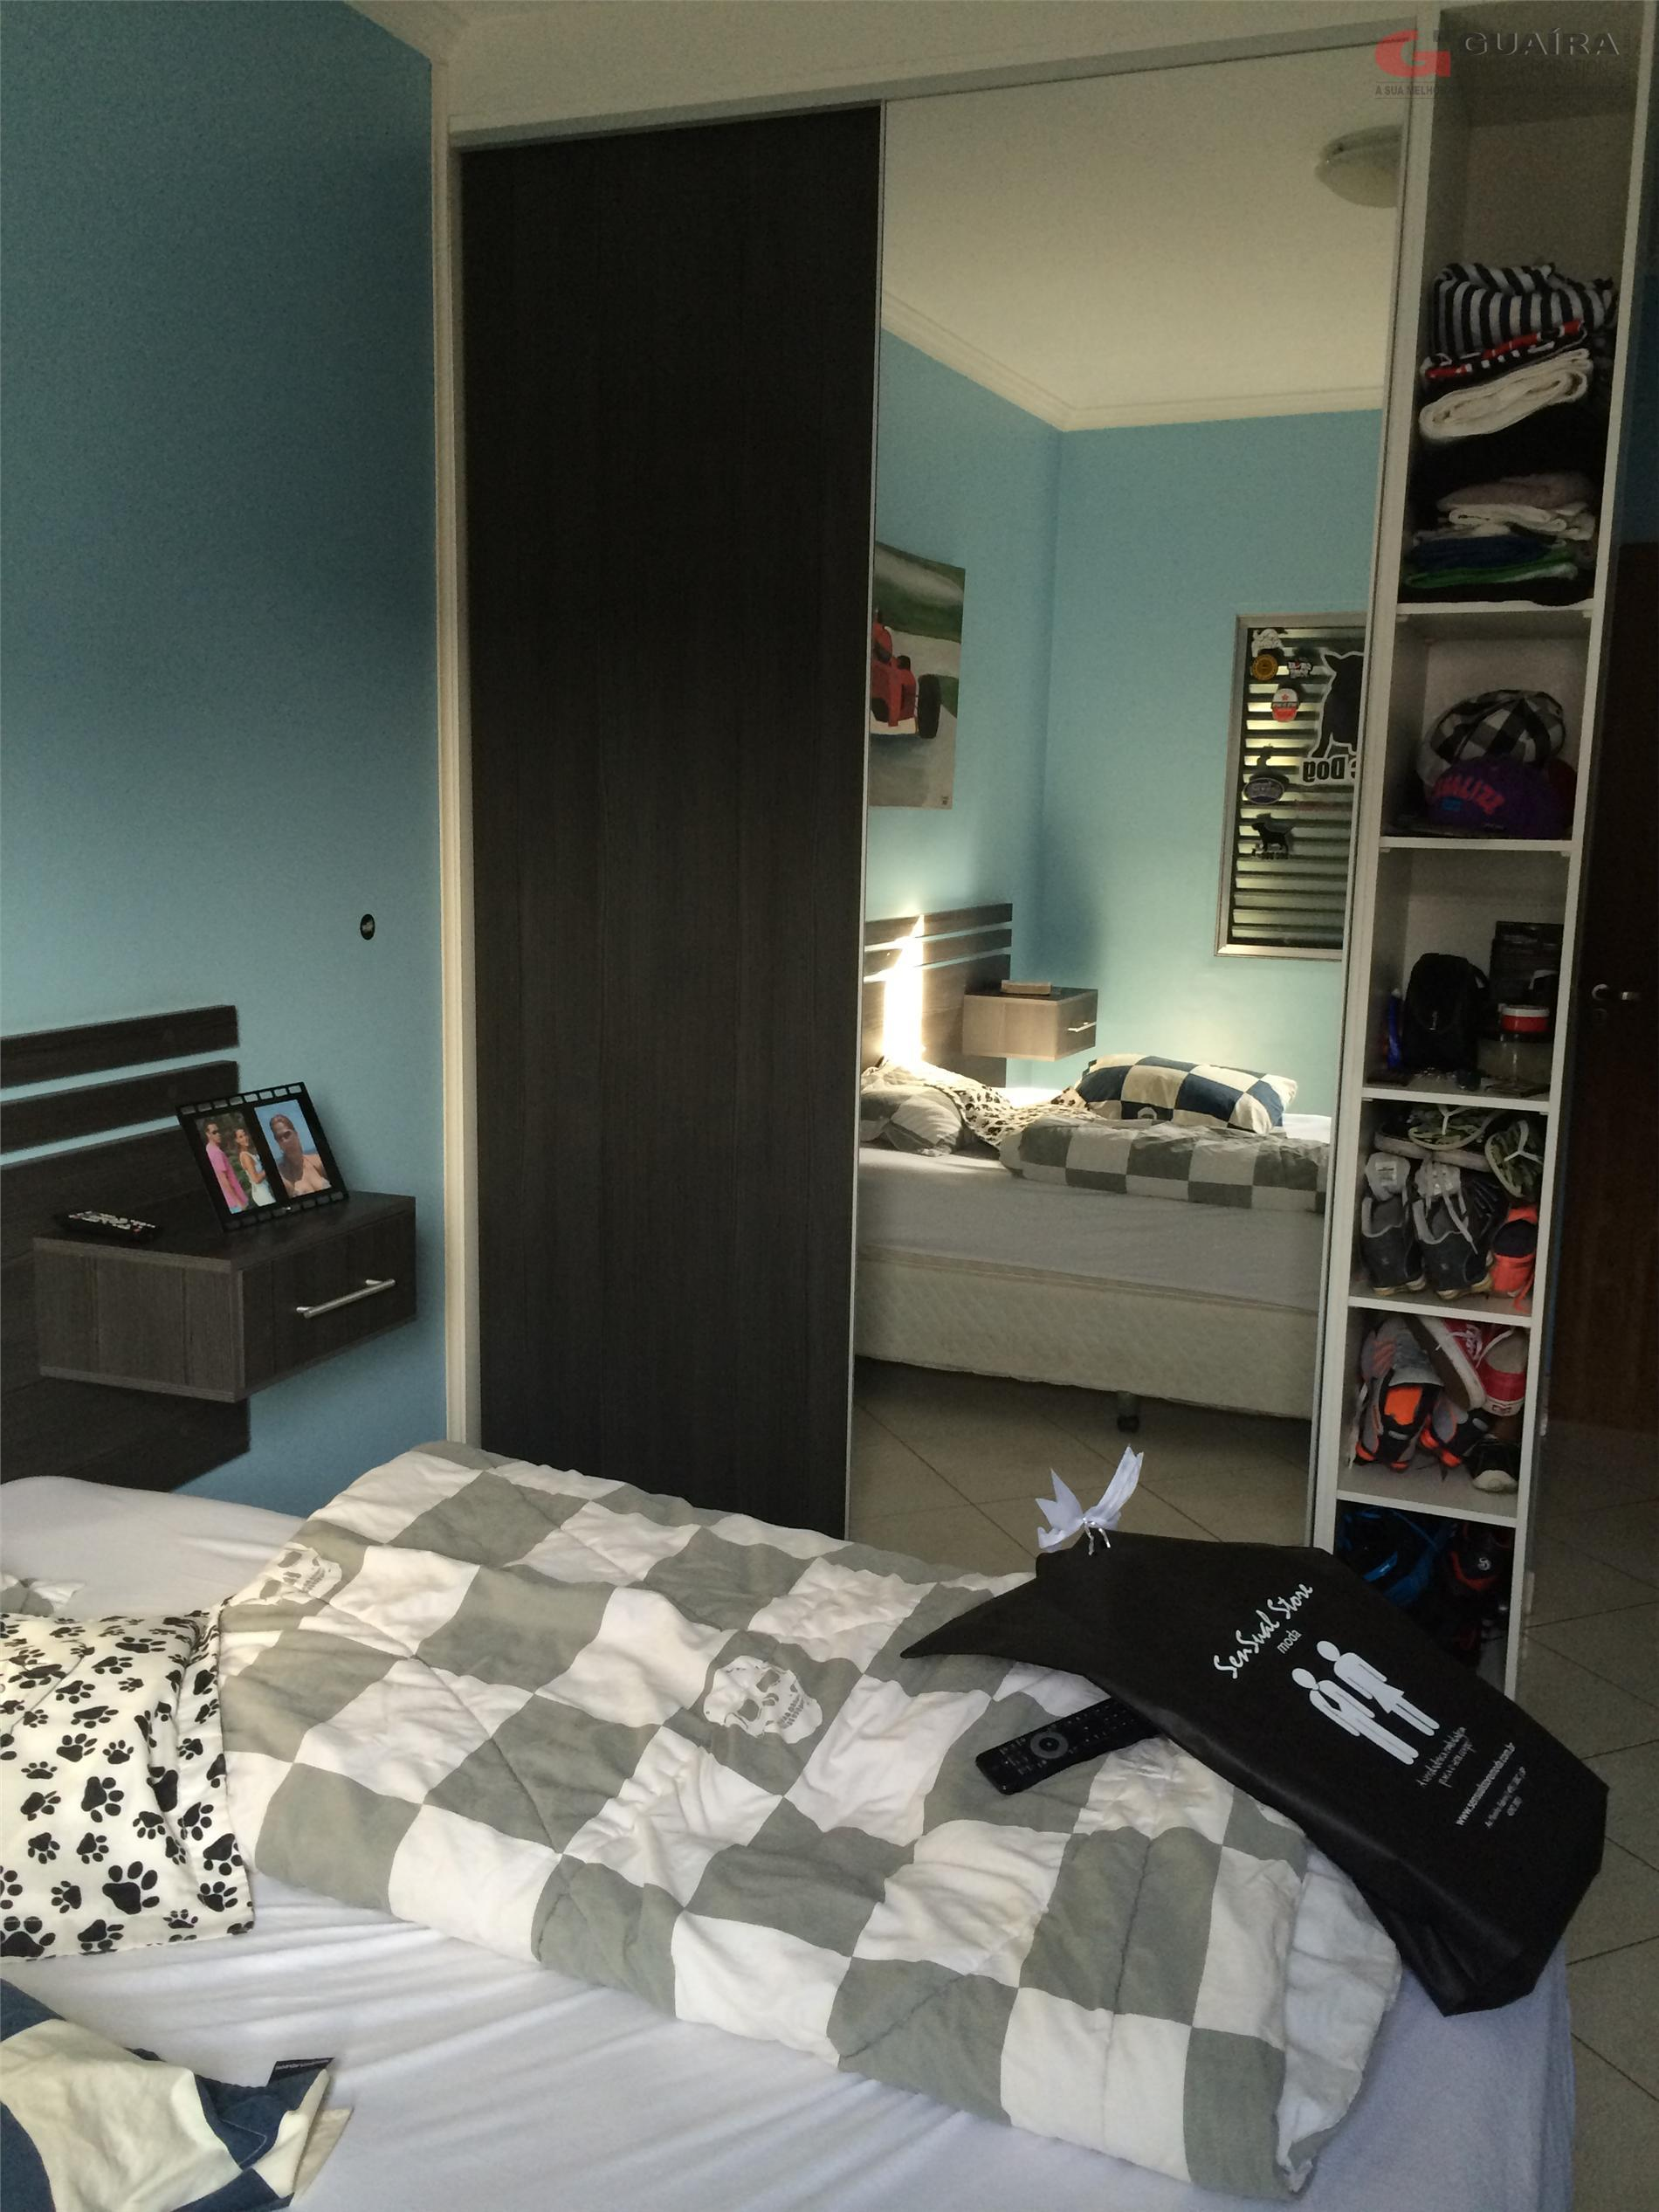 Sobrado de 4 dormitórios à venda em Independência, São Bernardo Do Campo - SP